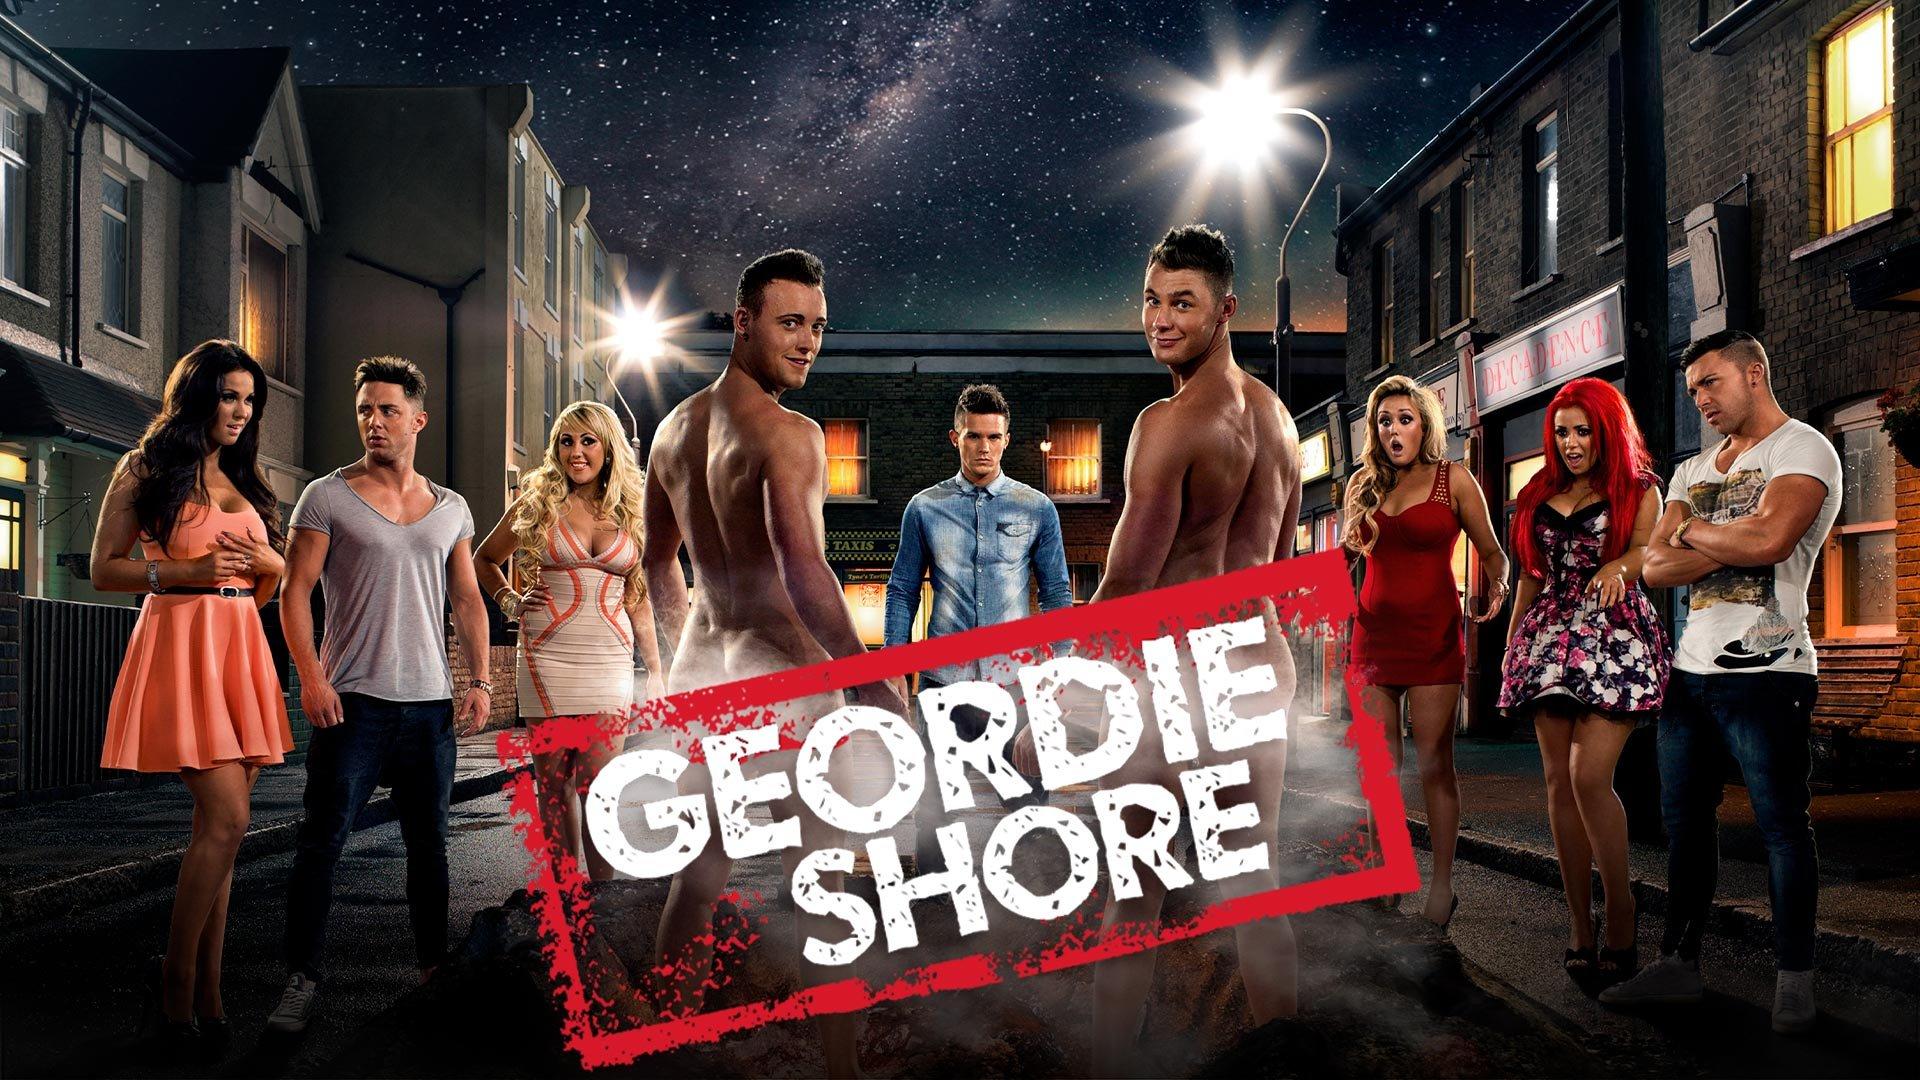 Geordie Shore on BritBox UK